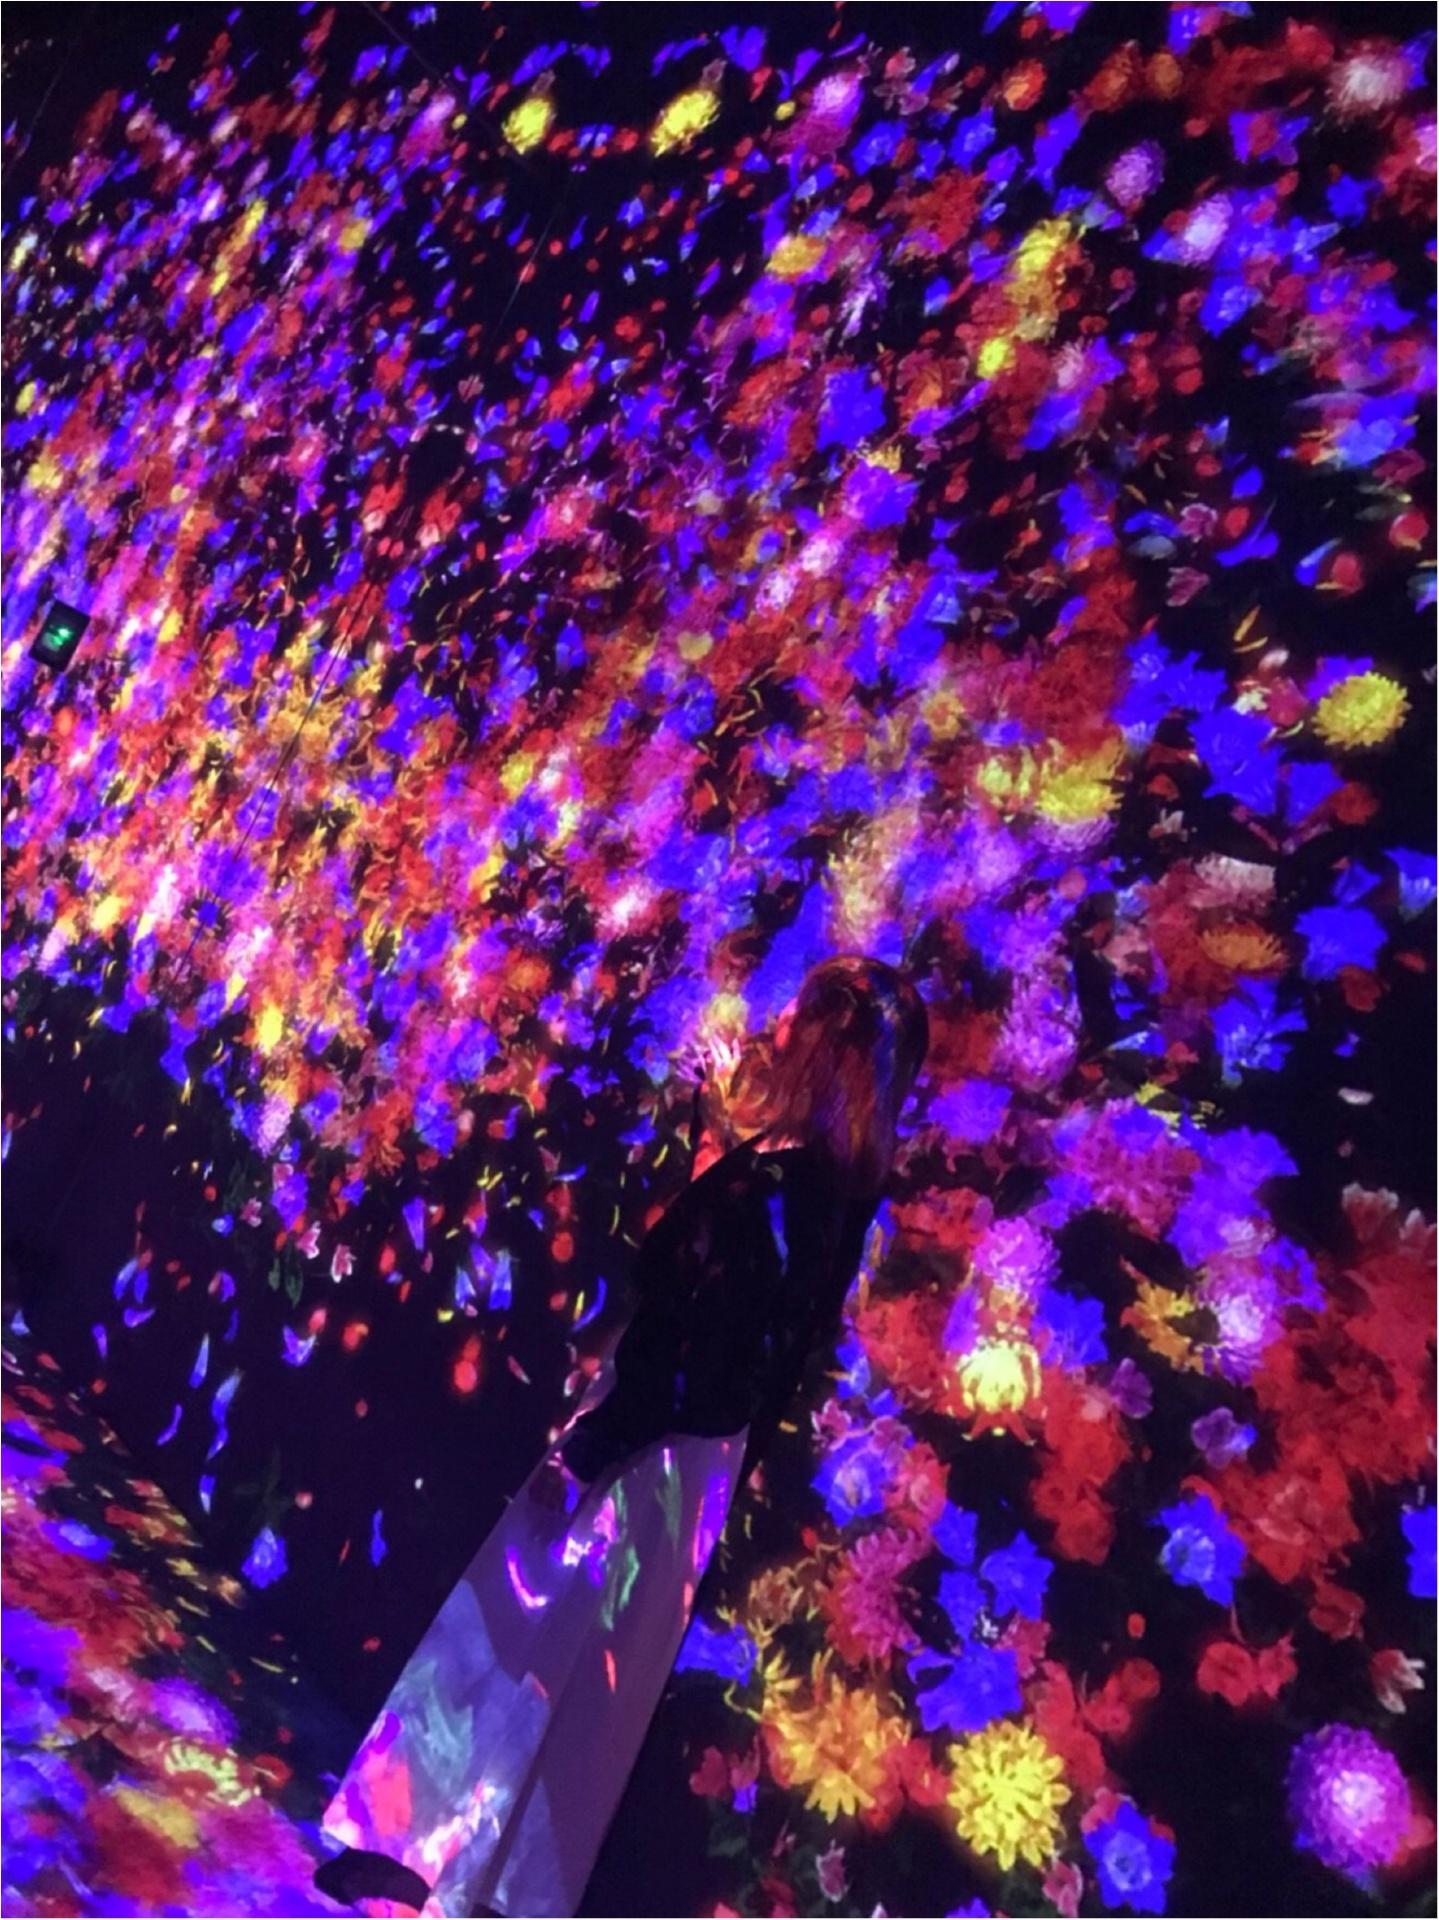 念願の【チームラボ】に行ってきました♡幻想的な空間に感動・興奮・鳥肌!!_5